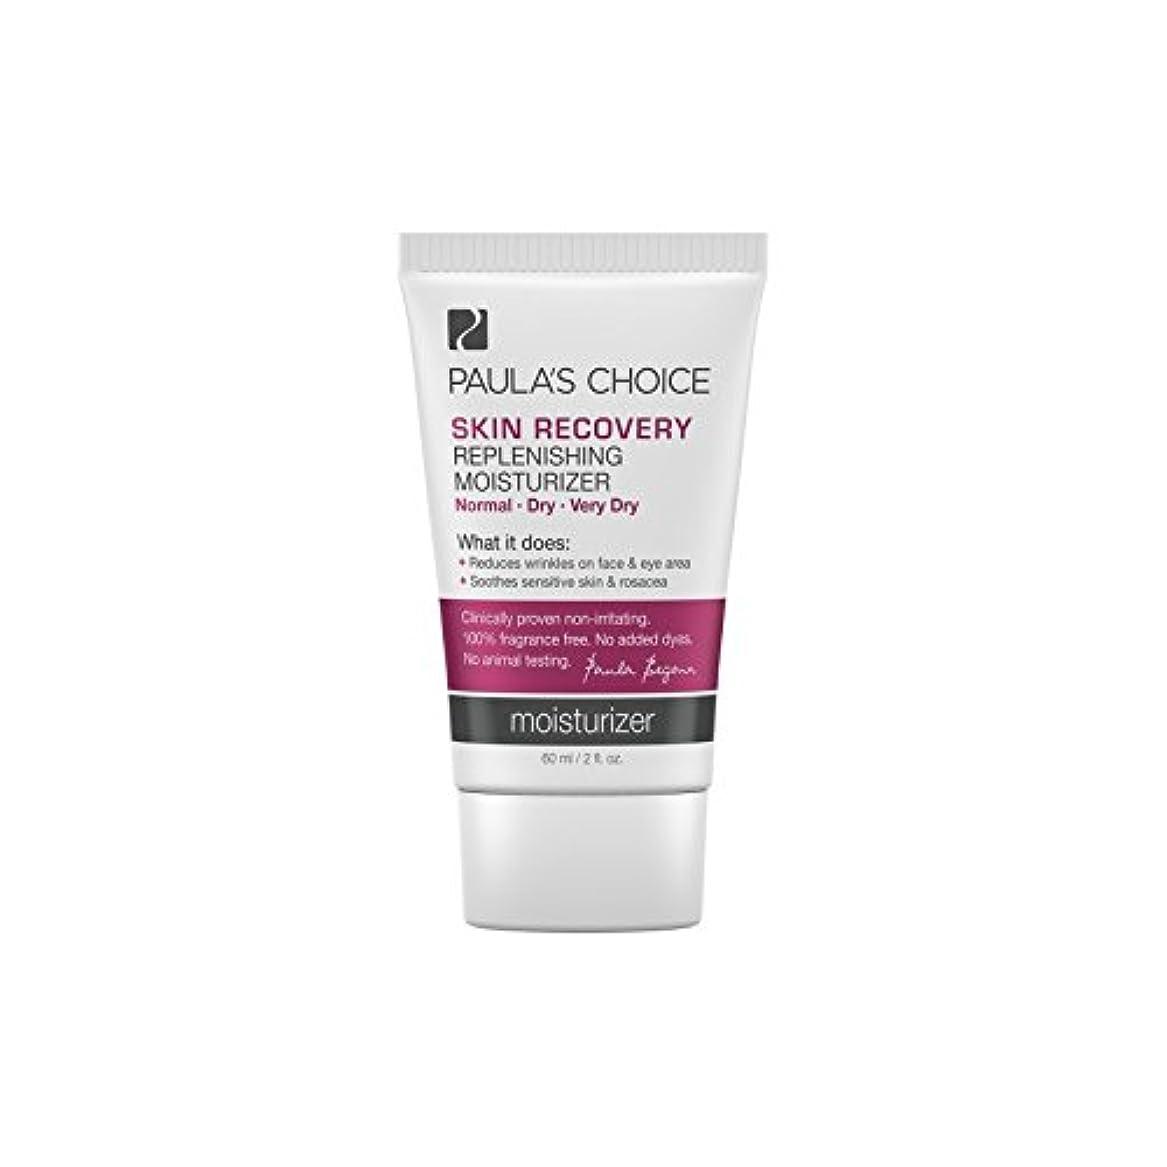 誰のトムオードリース切るPaula's Choice Skin Recovery Replenishing Moisturizer (60ml) - ポーラチョイスの肌の回復補充保湿(60ミリリットル) [並行輸入品]